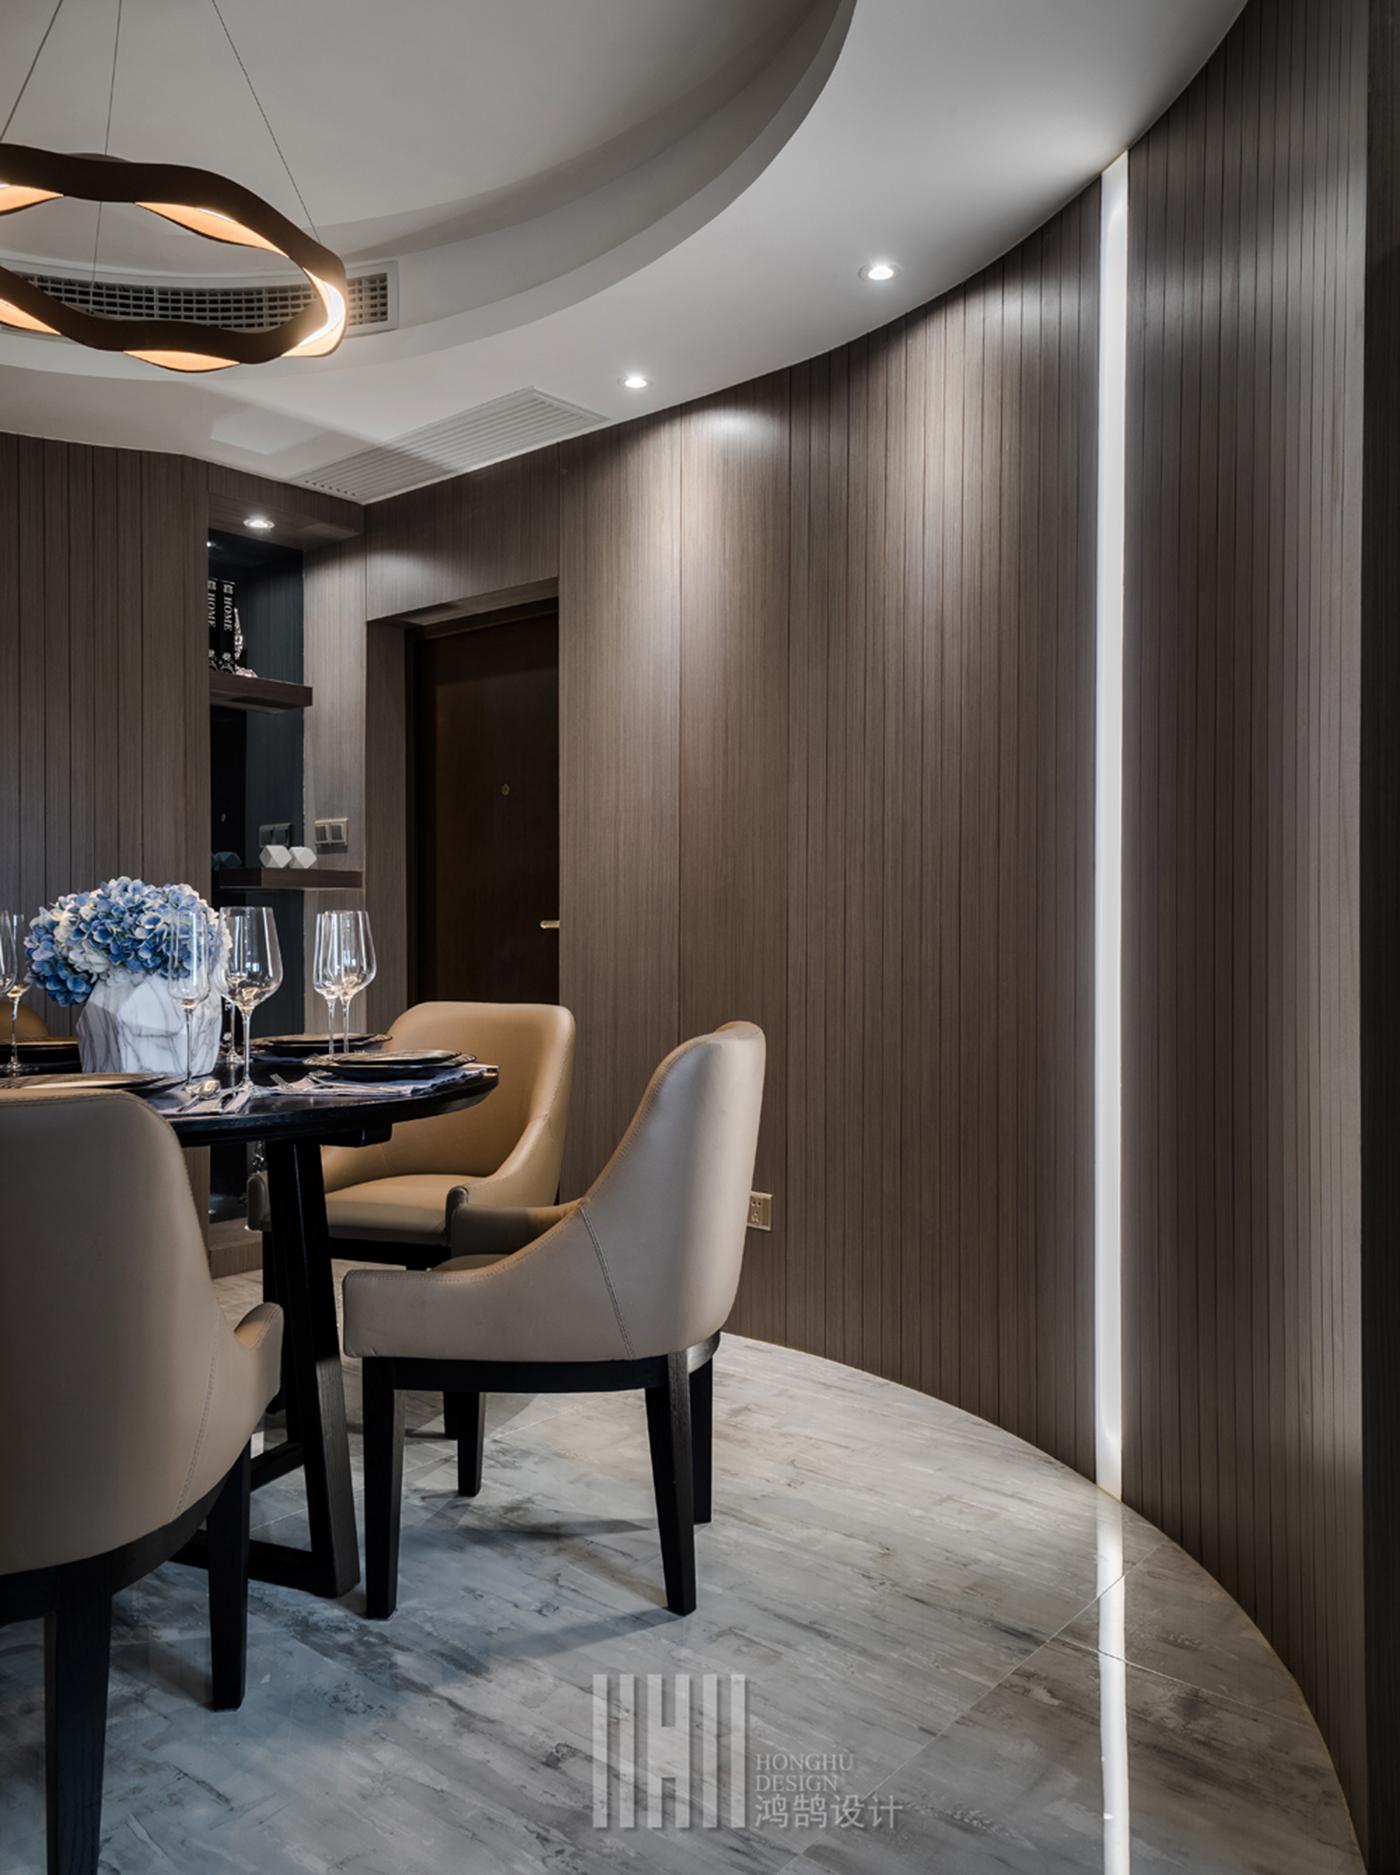 114平现代简约装修餐厅弧形墙面设计